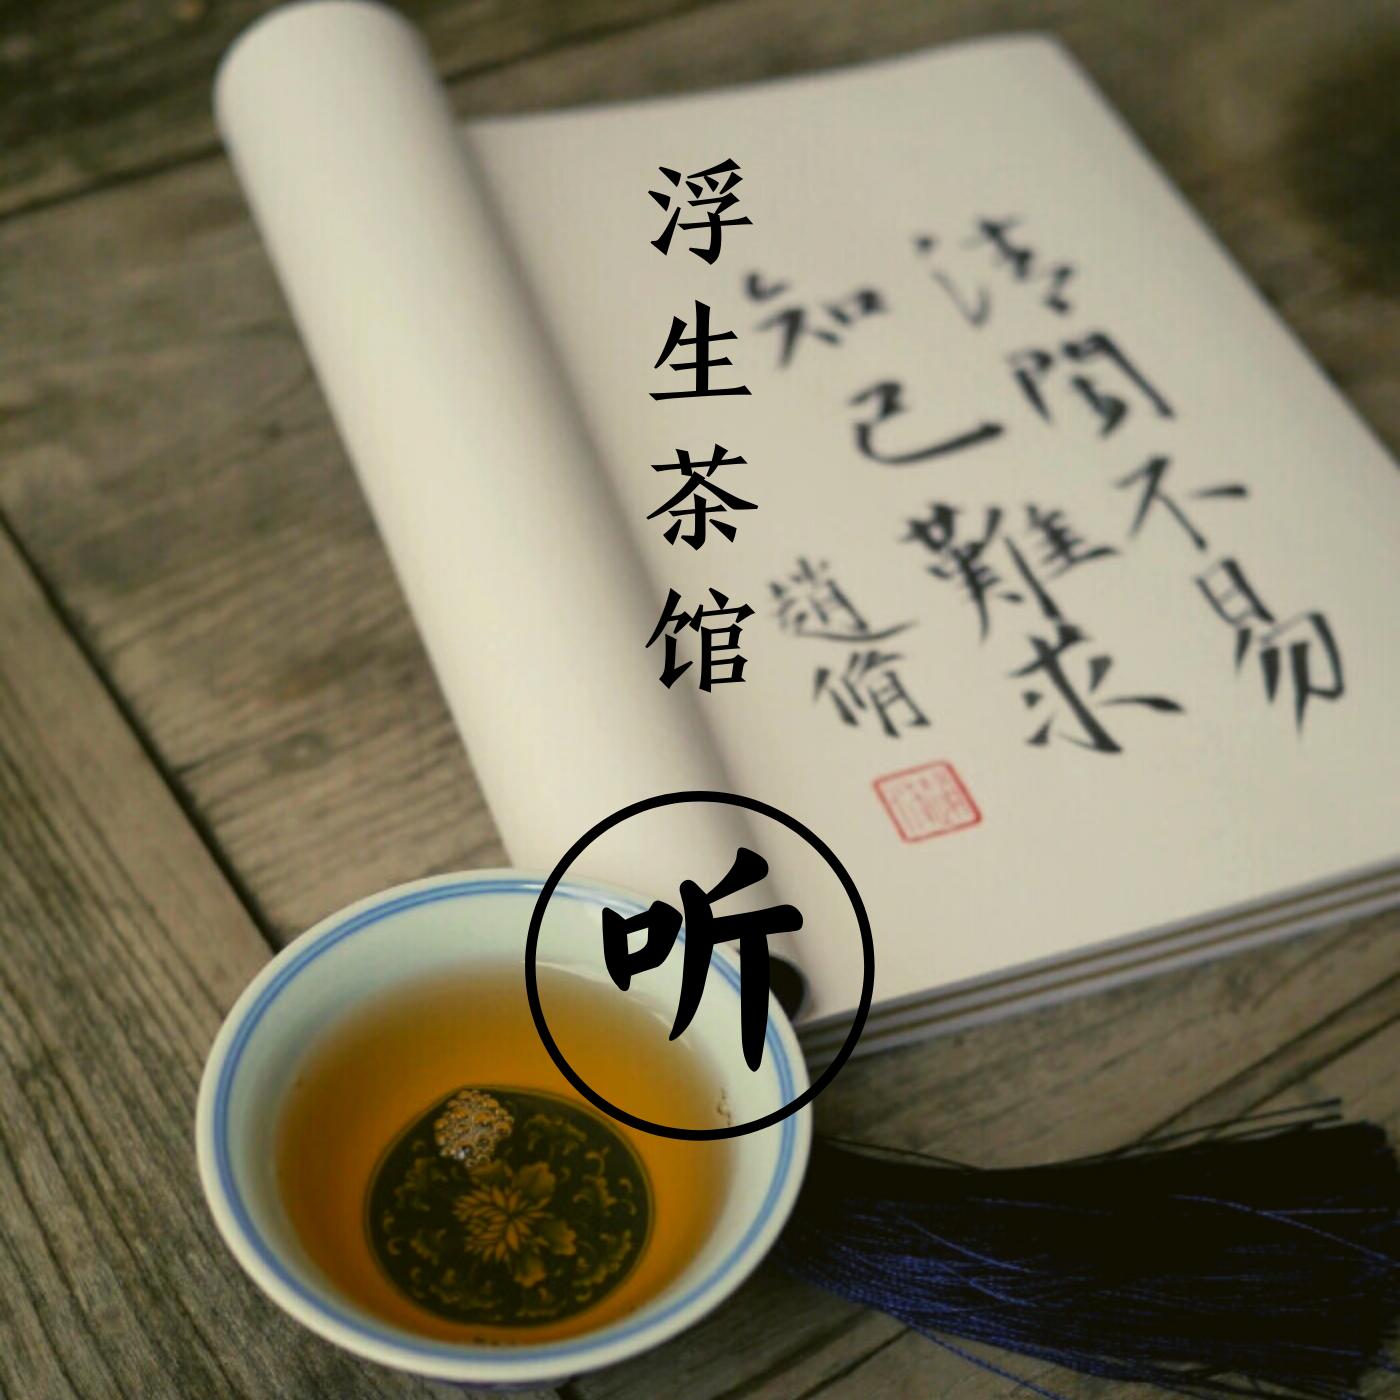 浮生茶馆丨一盏茶,品百味